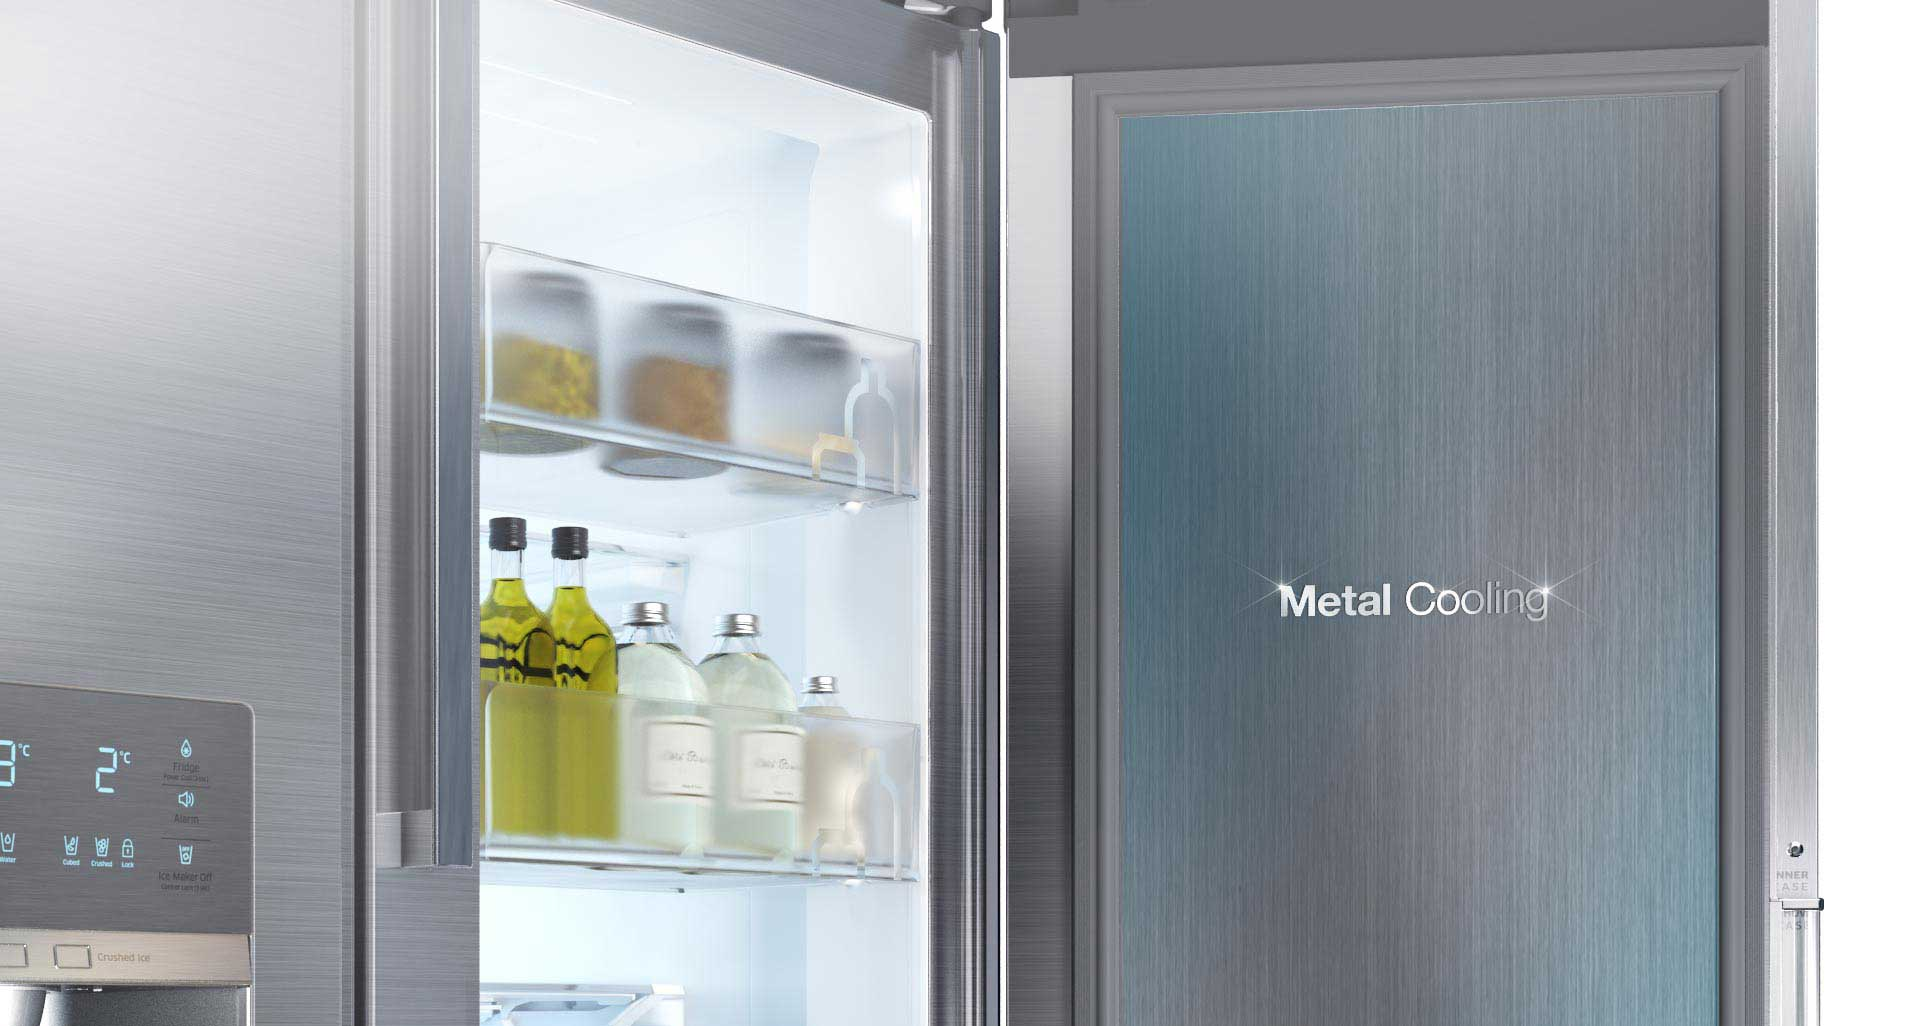 حفظ هوای خنک با سیستم سرمایشی فلزی